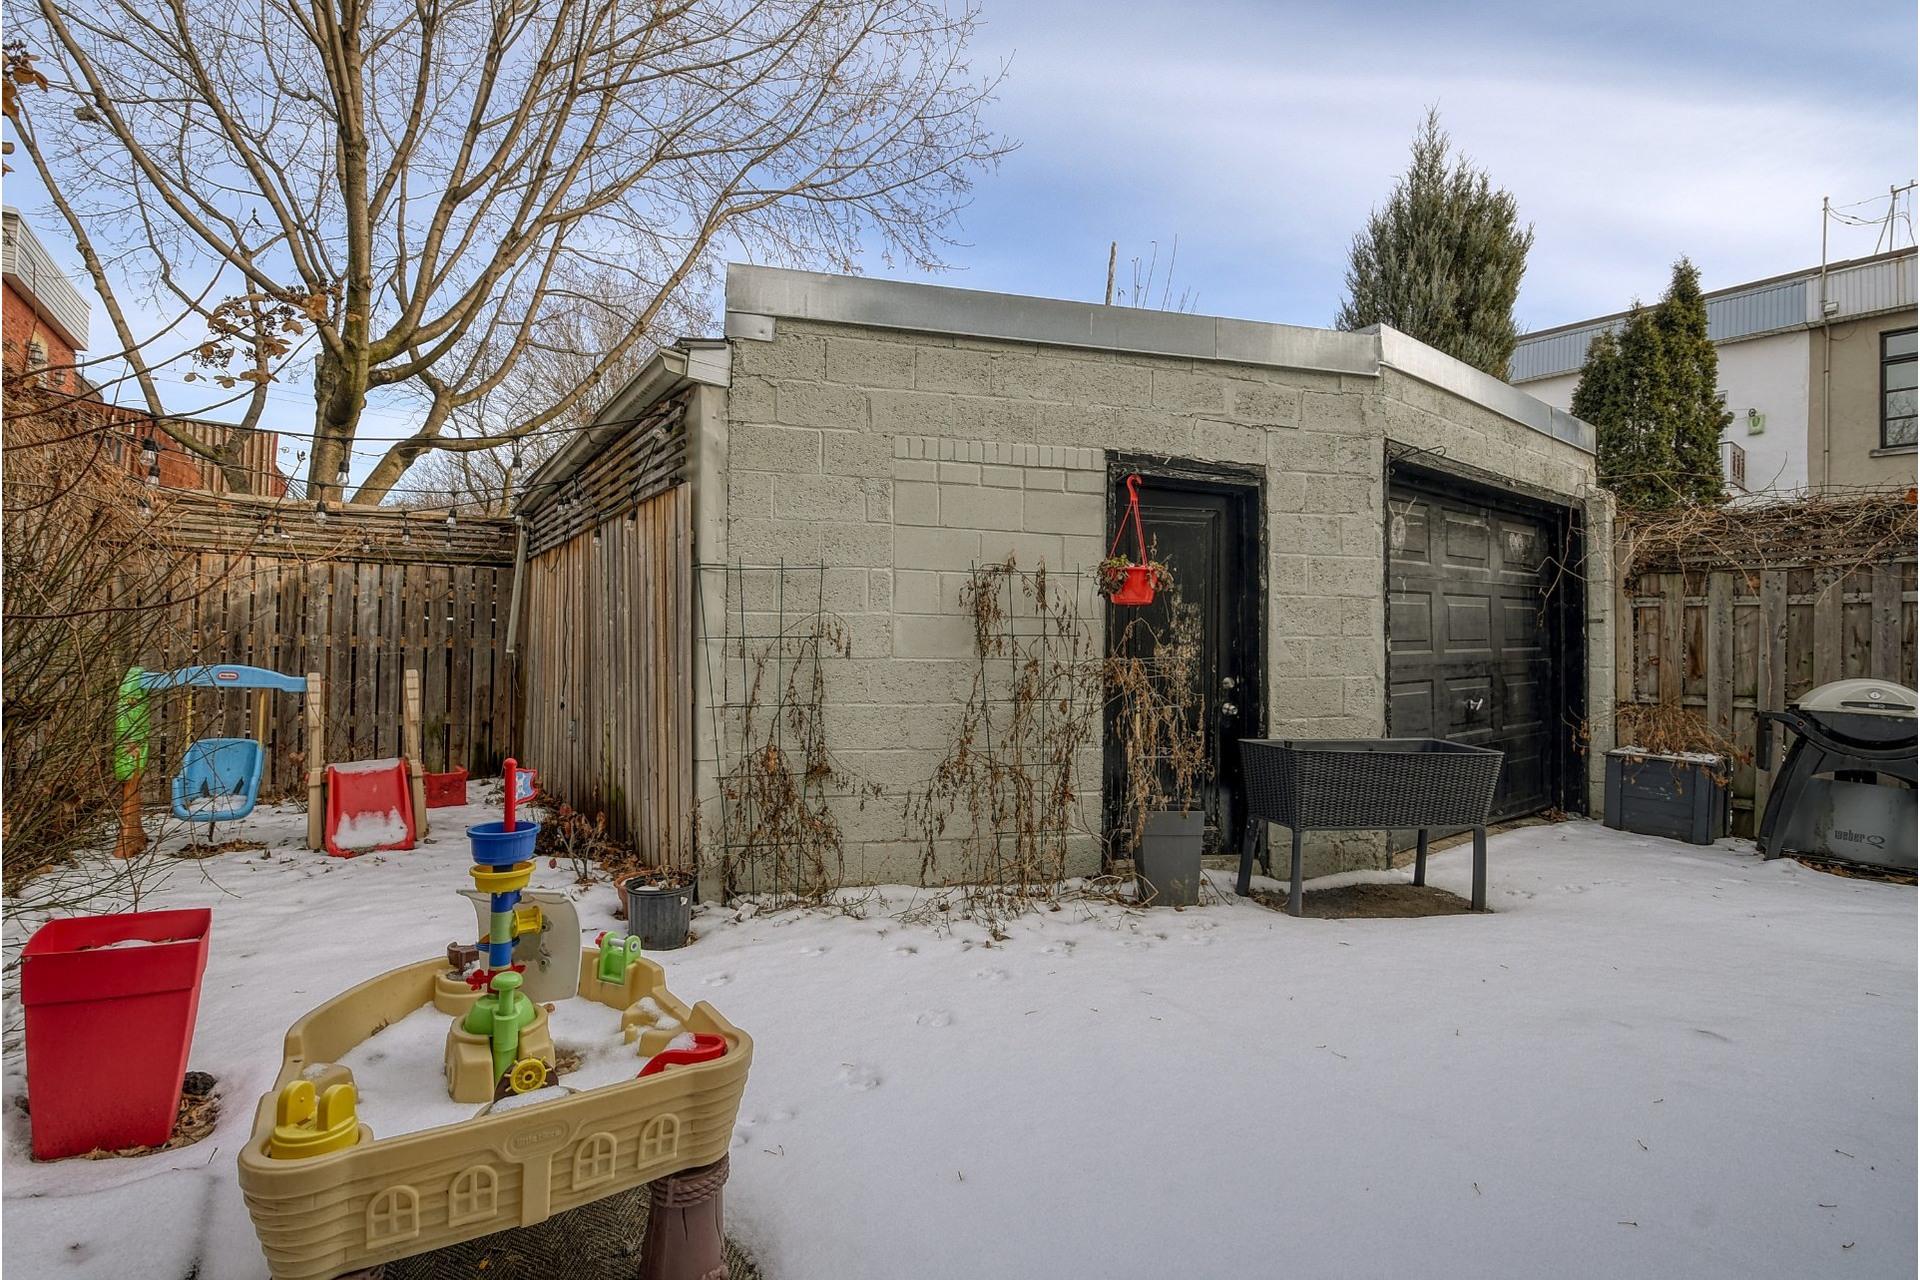 image 22 - Duplex For sale Le Sud-Ouest Montréal  - 5 rooms